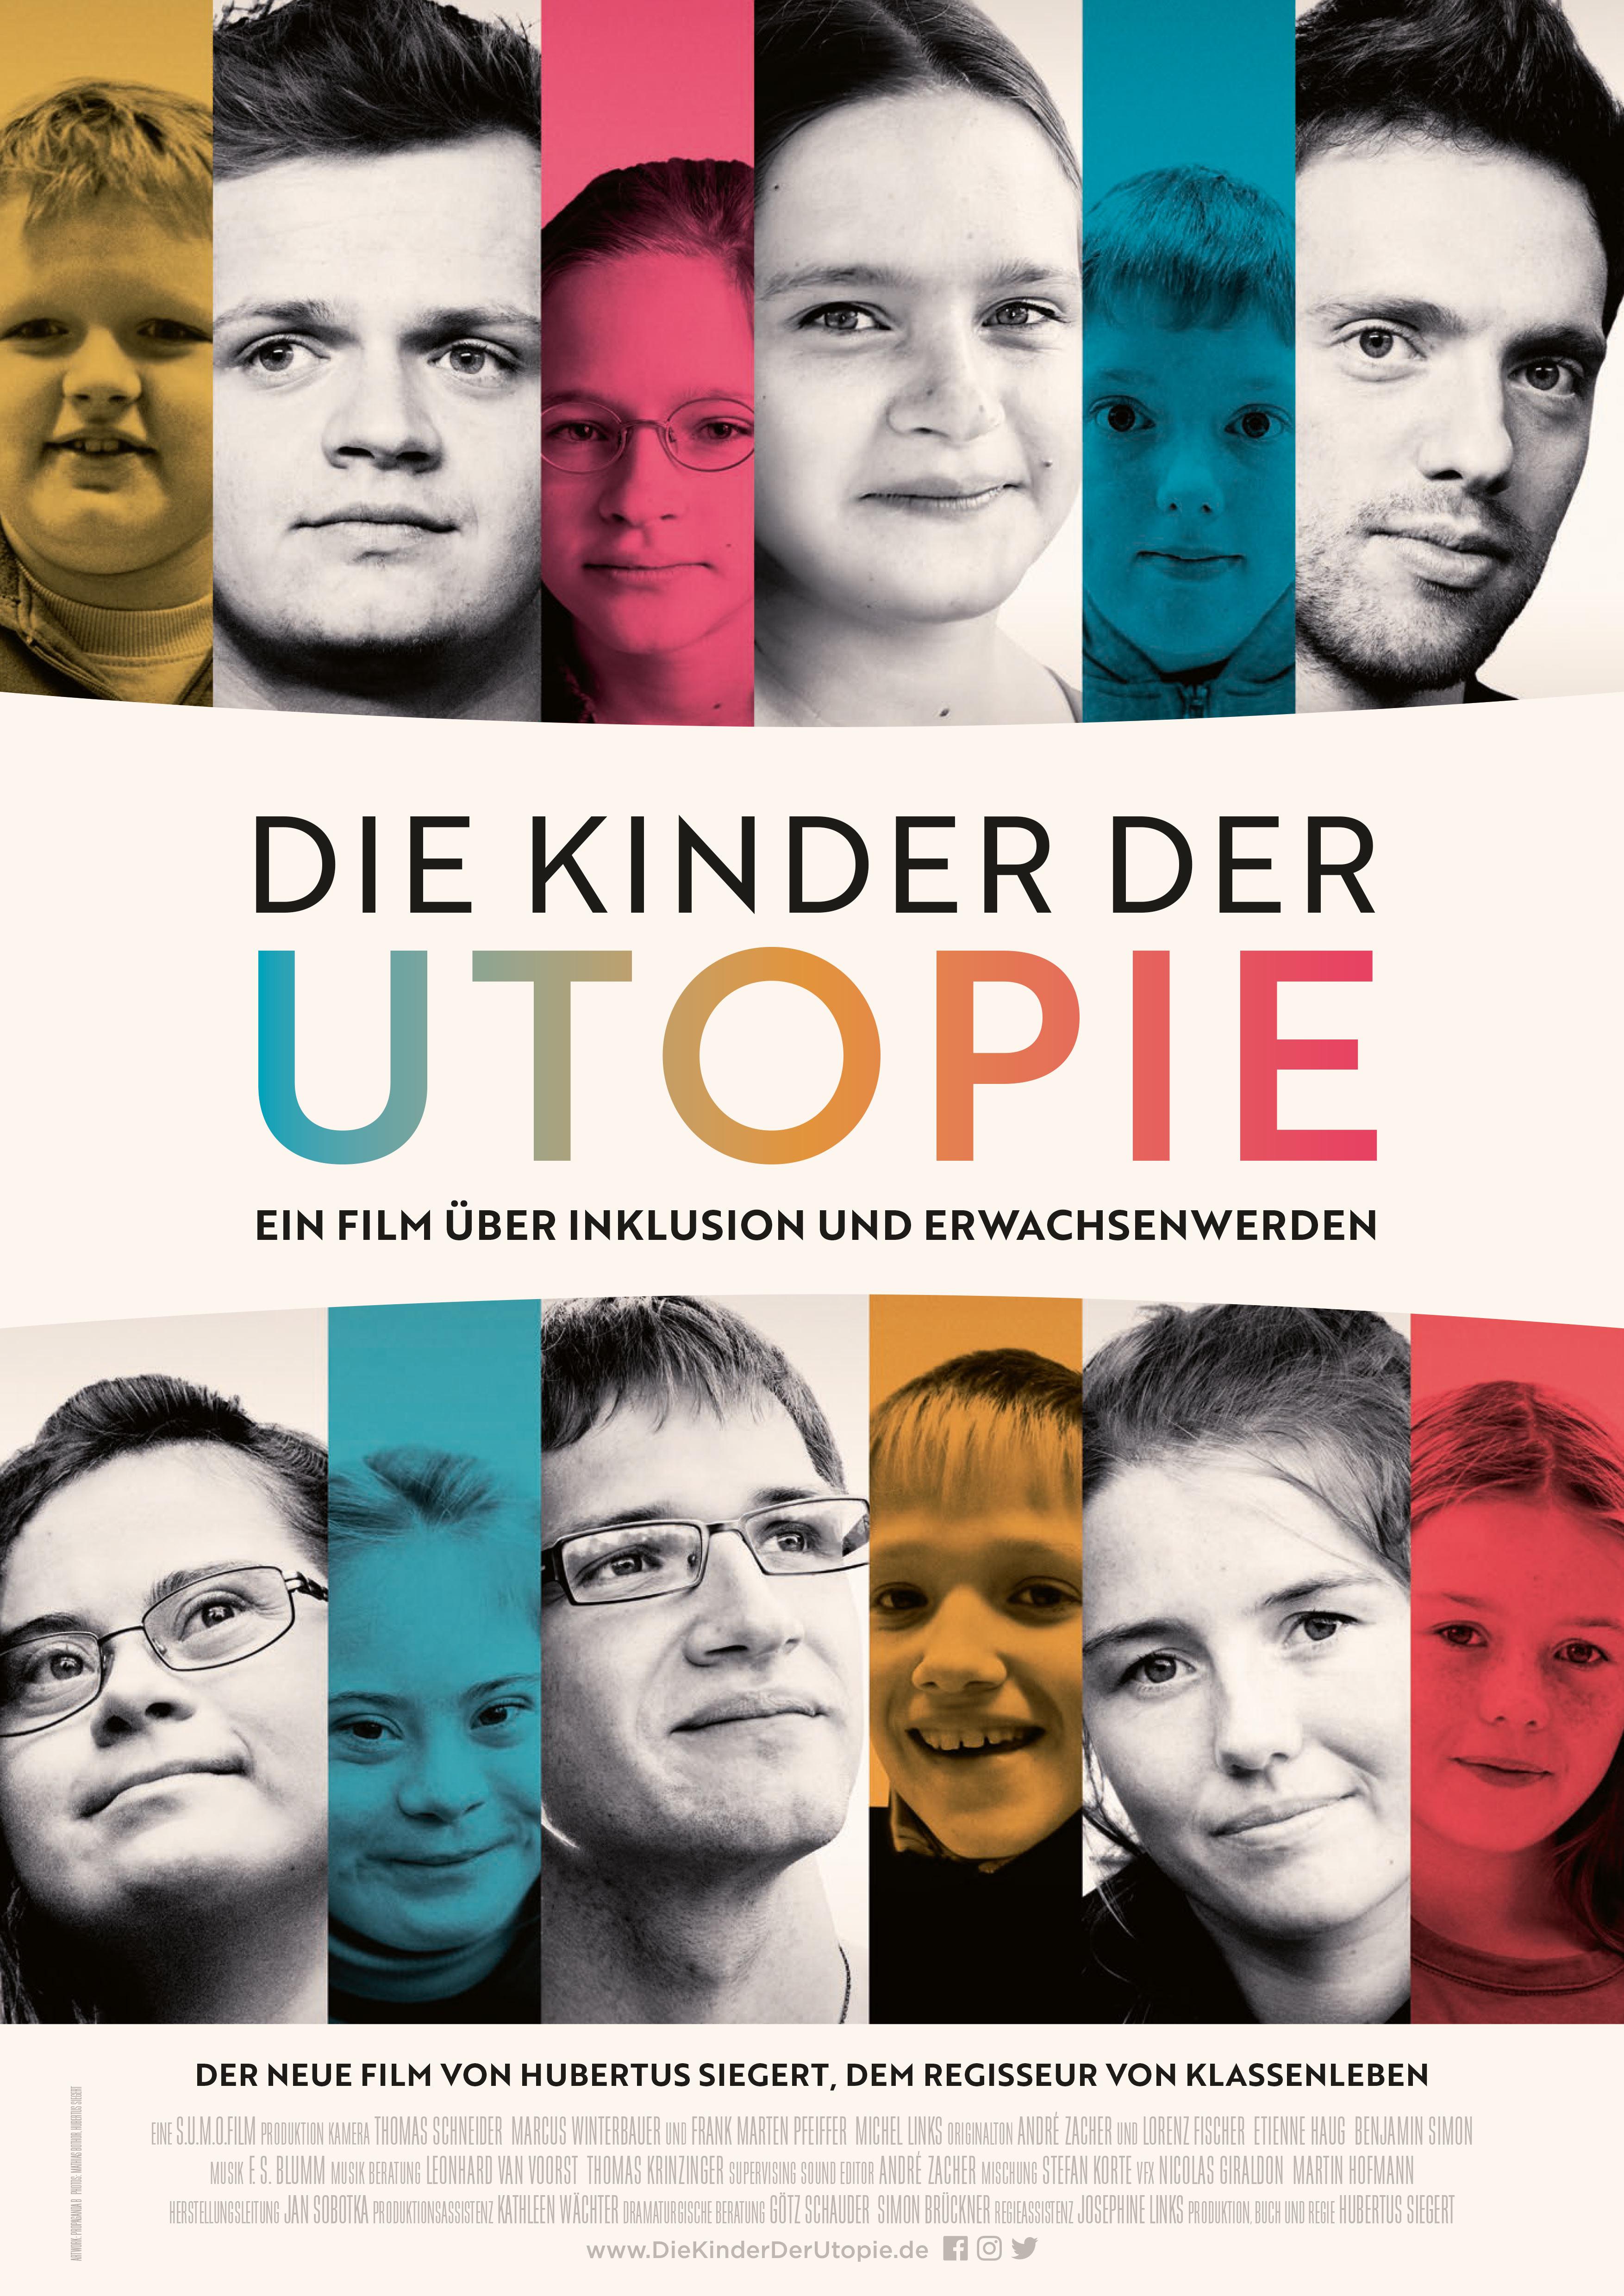 Die-Kinder-der-Utopie-Filmplakat